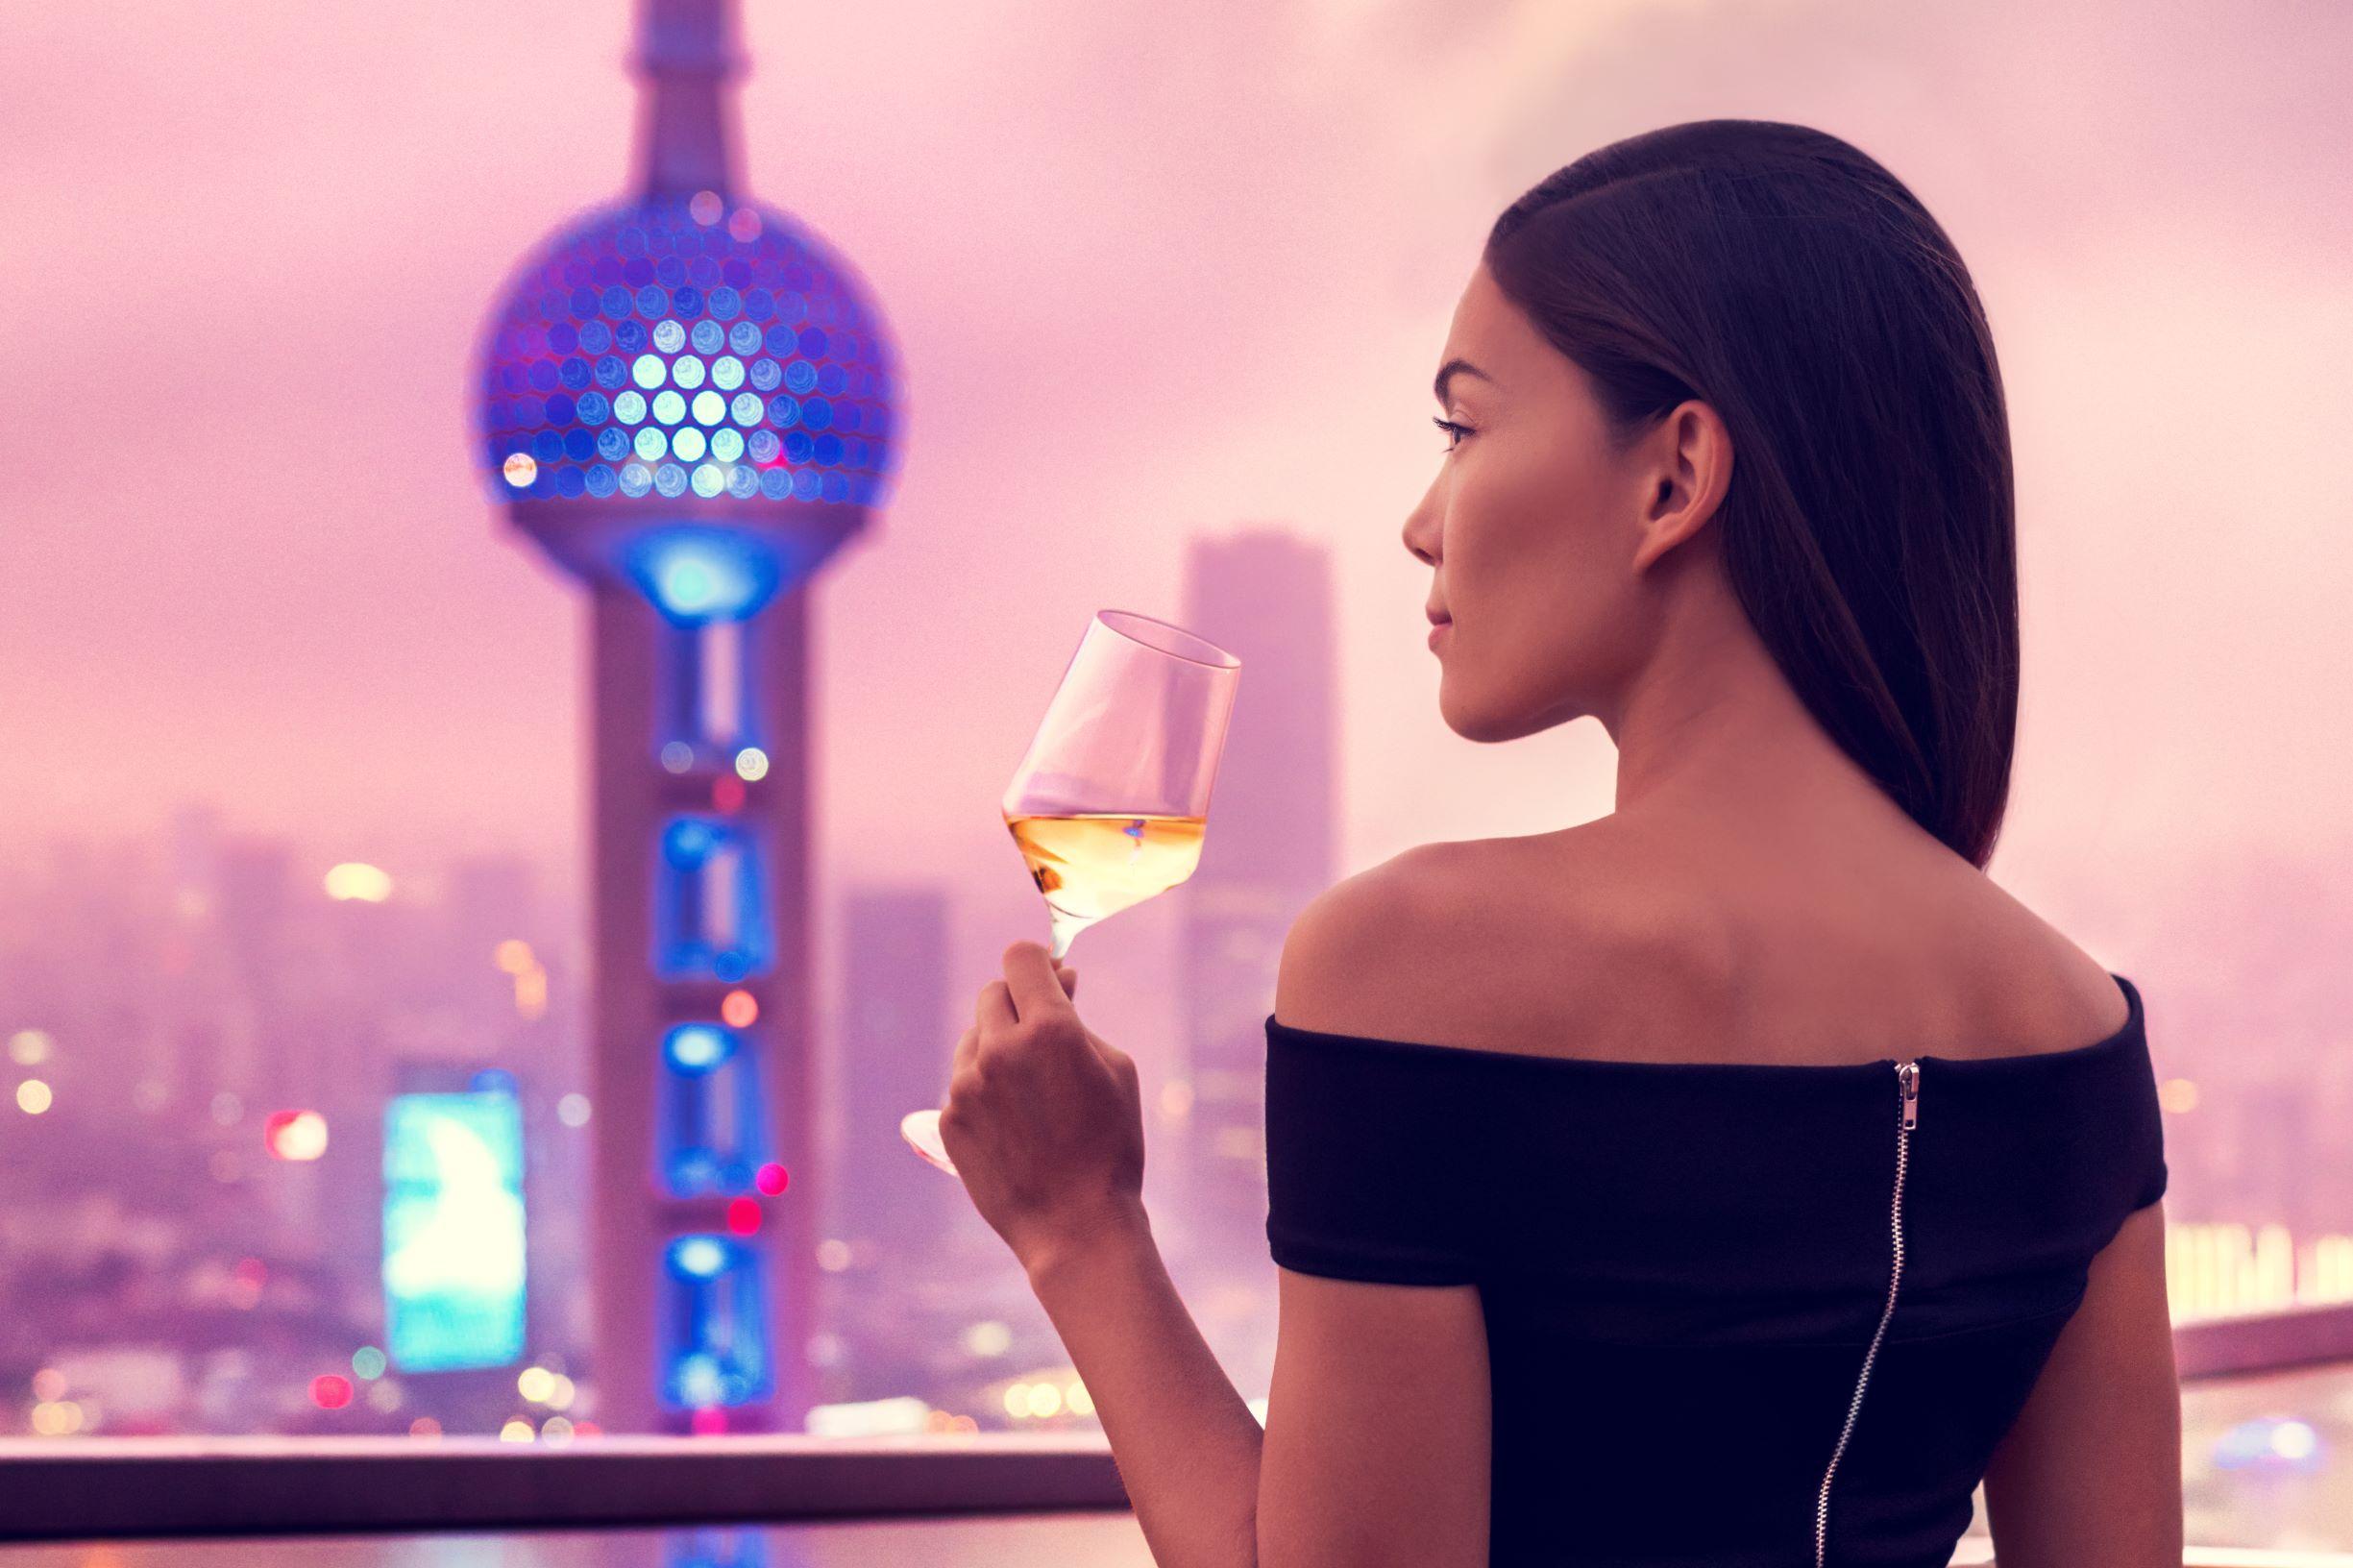 Chine: l'envie de consommer est-elle réellement là?